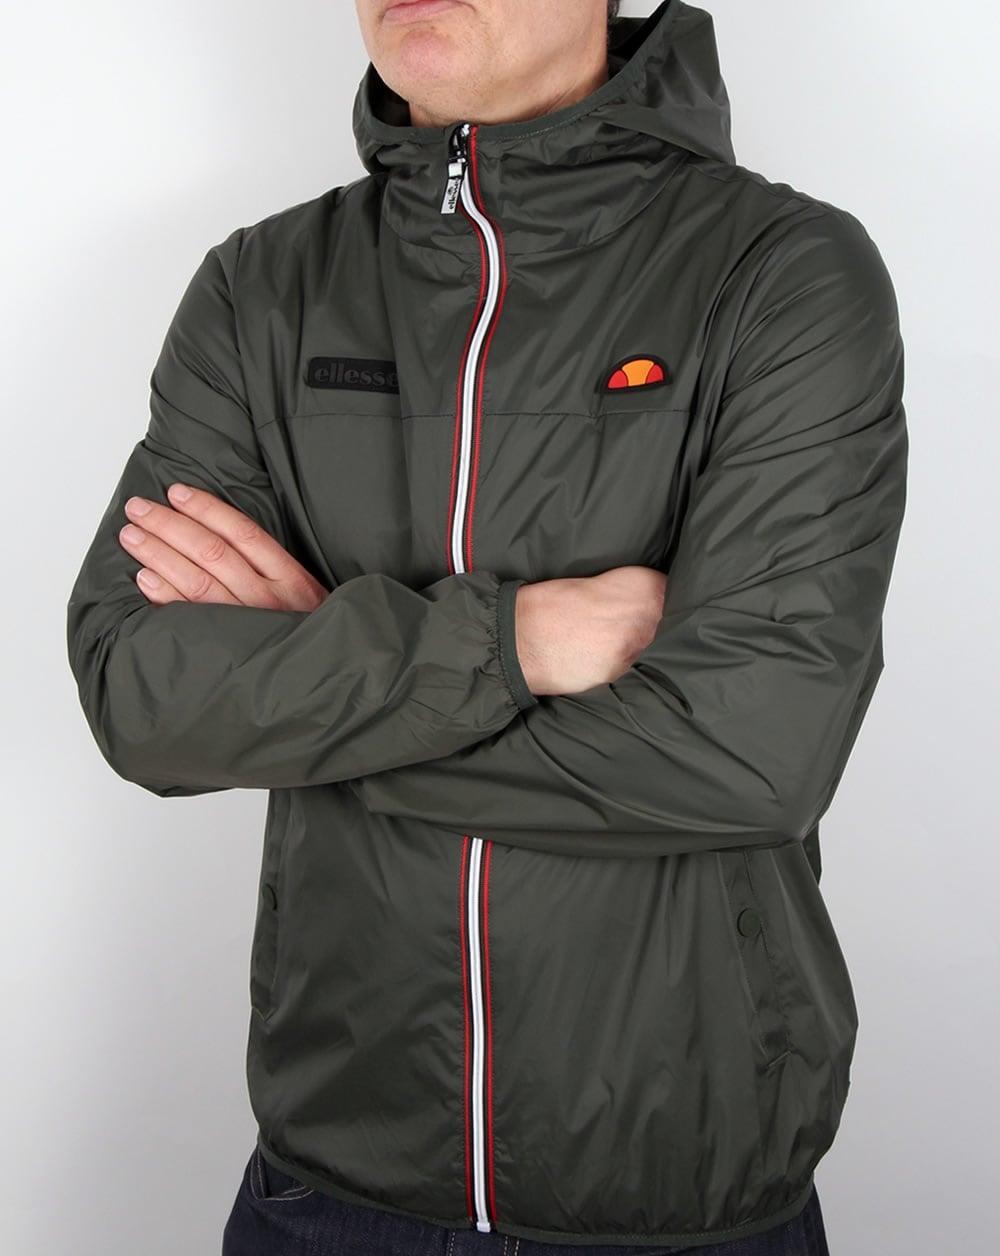 2d72af2825 Ellesse Sirente Jacket Green, khaki, hooded,raincoat,parka,coat,mens